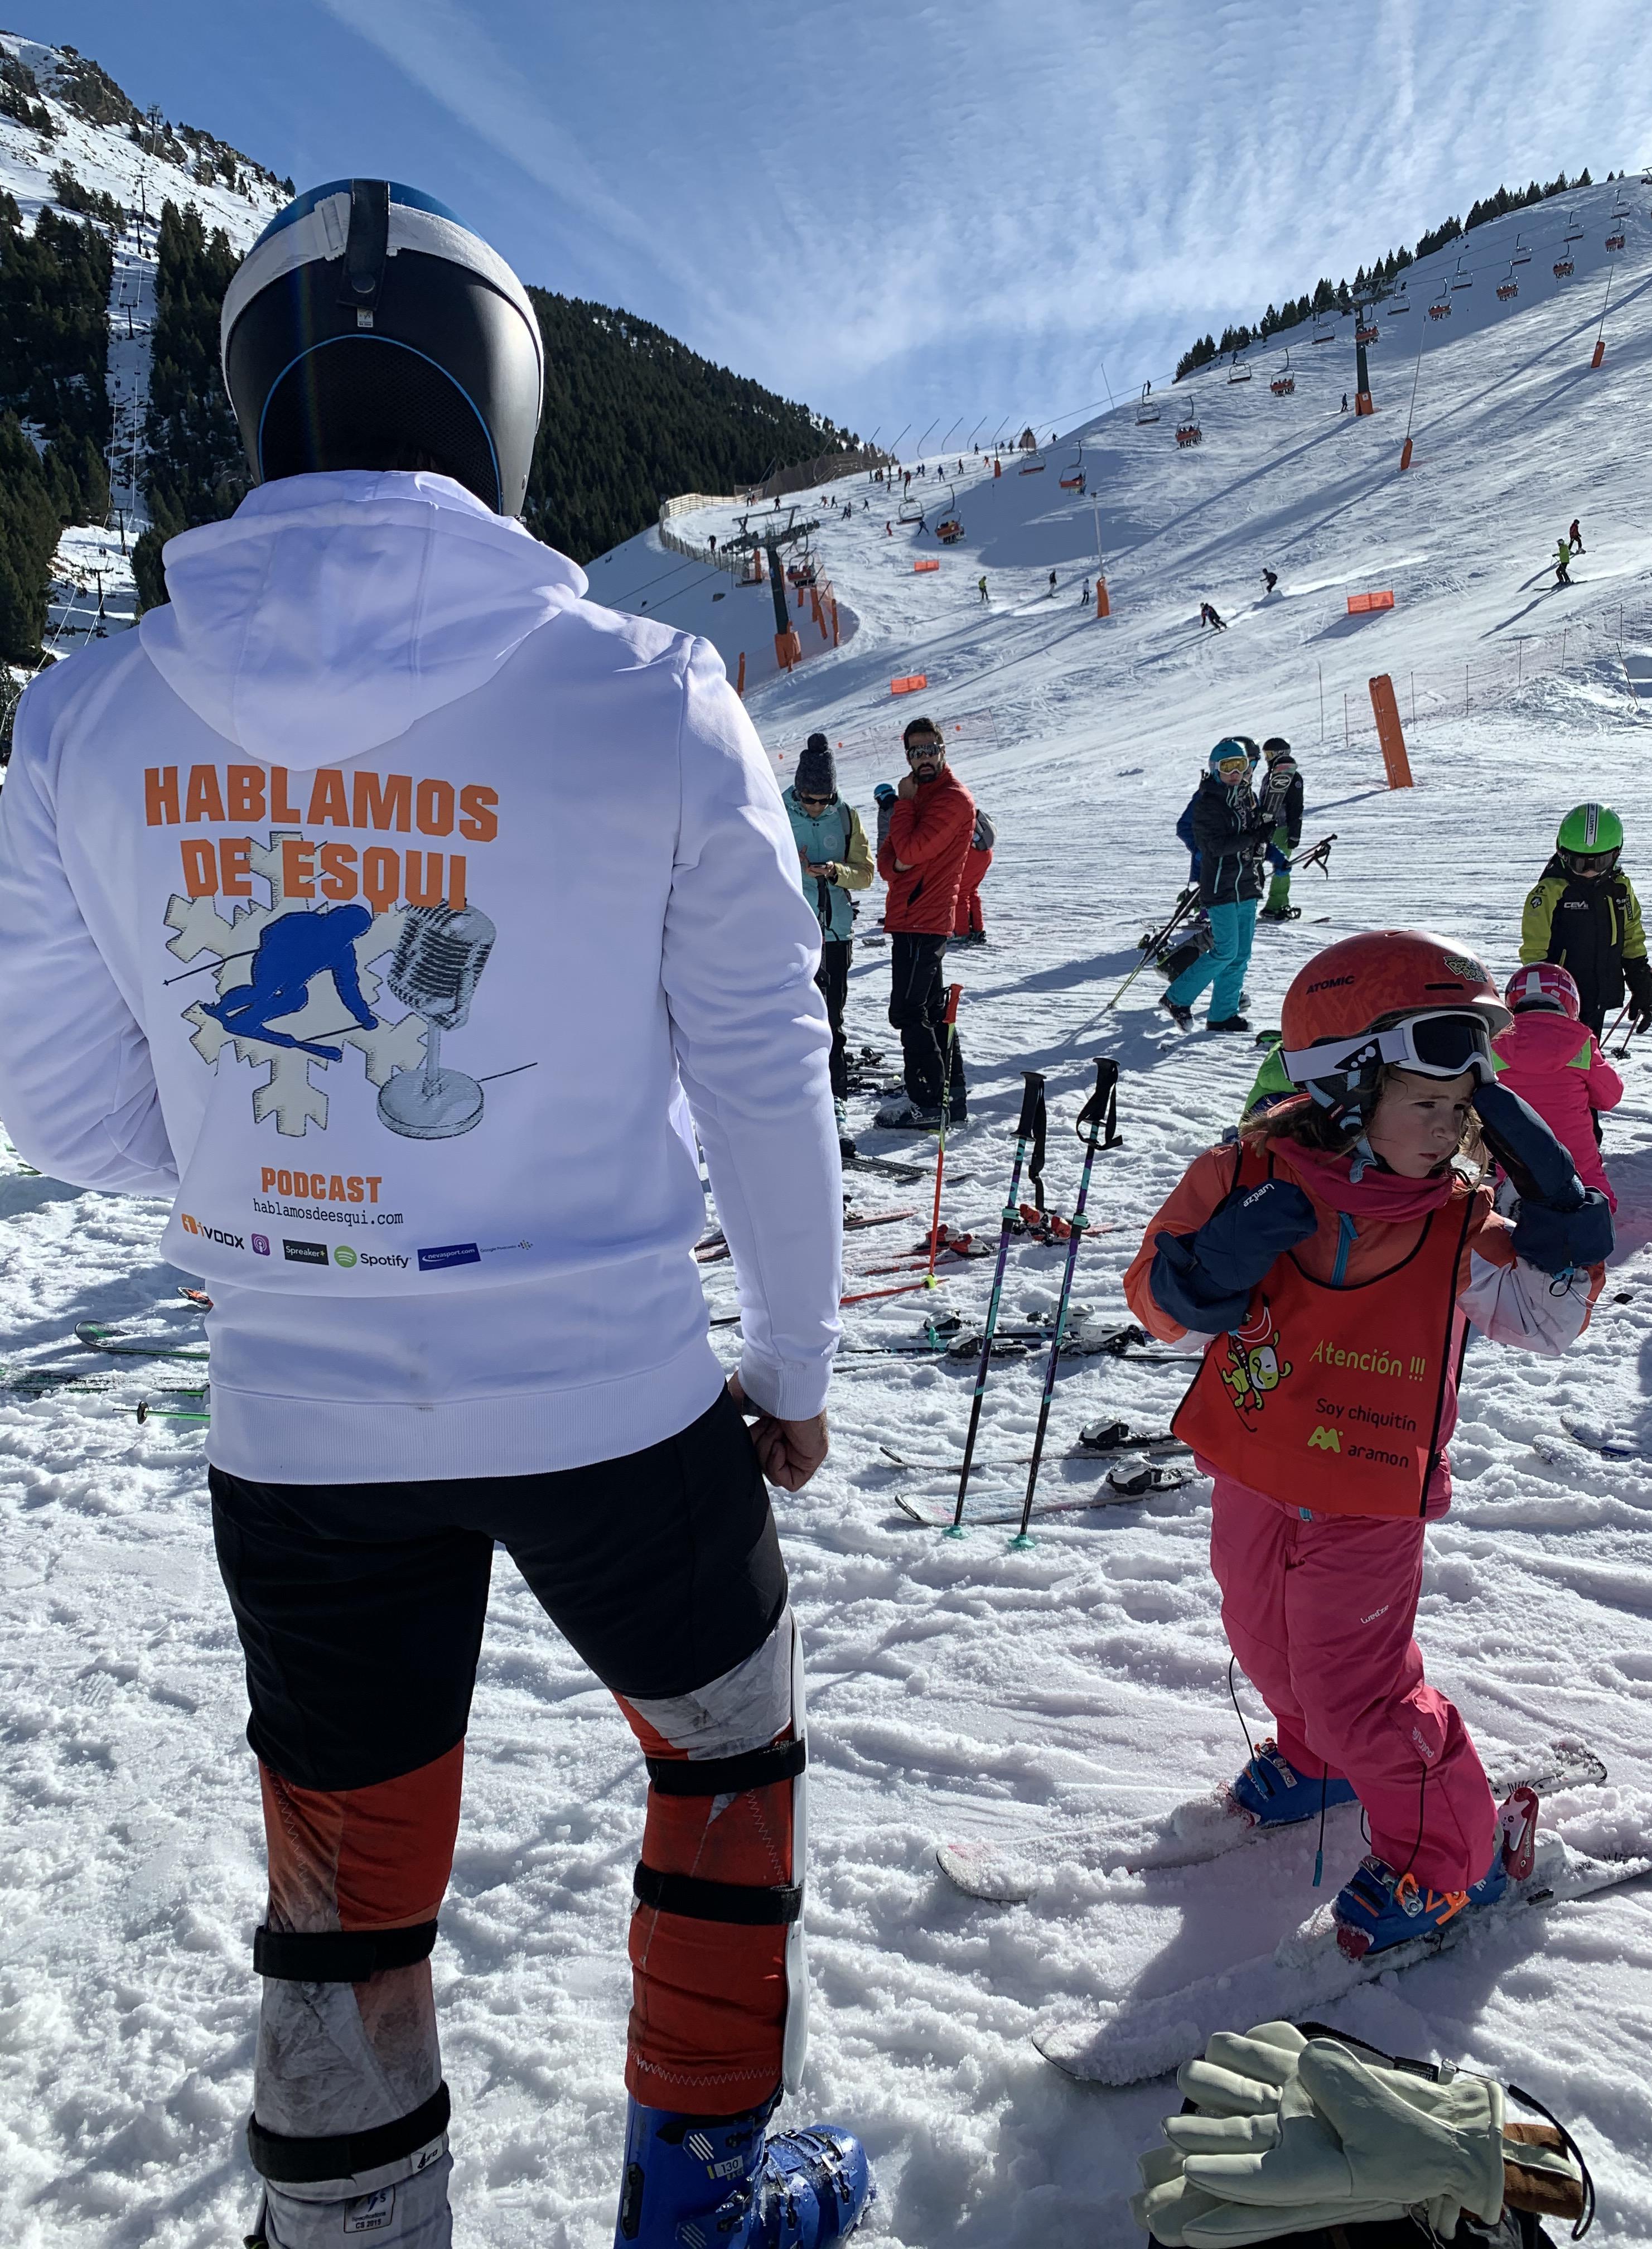 Sudadera de Hablamos de esquí